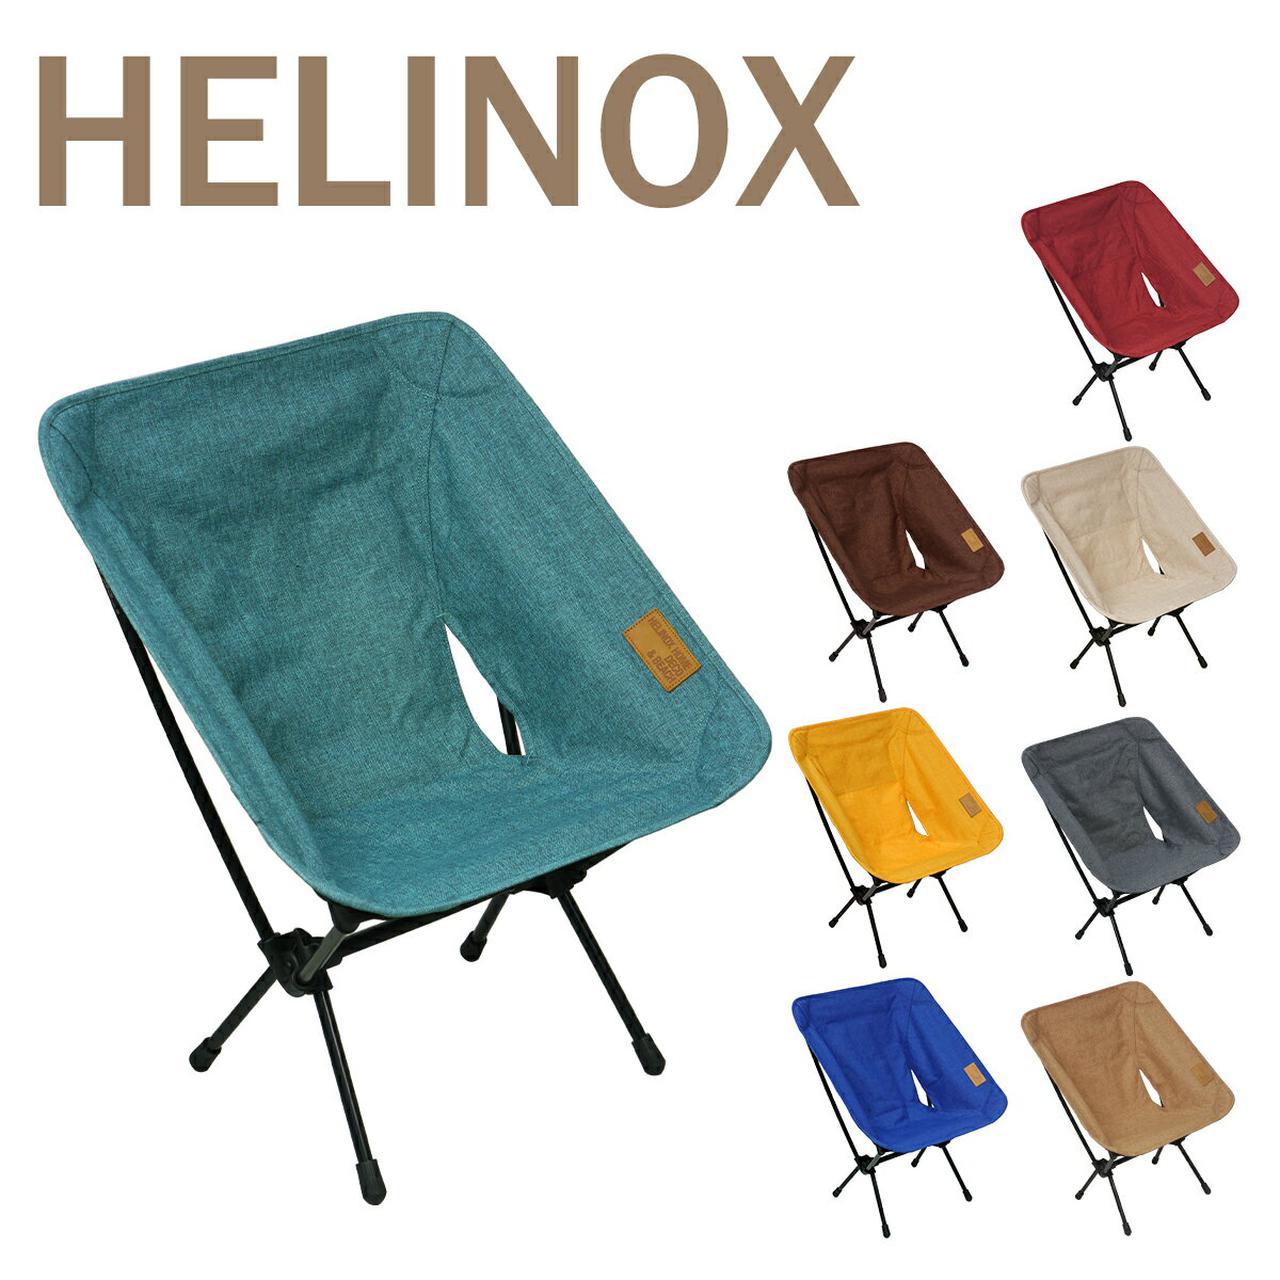 画像2: 【Helinoxチェアワンが蘇る】キャンプ用品の汚れに効果バツグン!オキシクリーンを使った油汚れ・泥汚れの落とし方